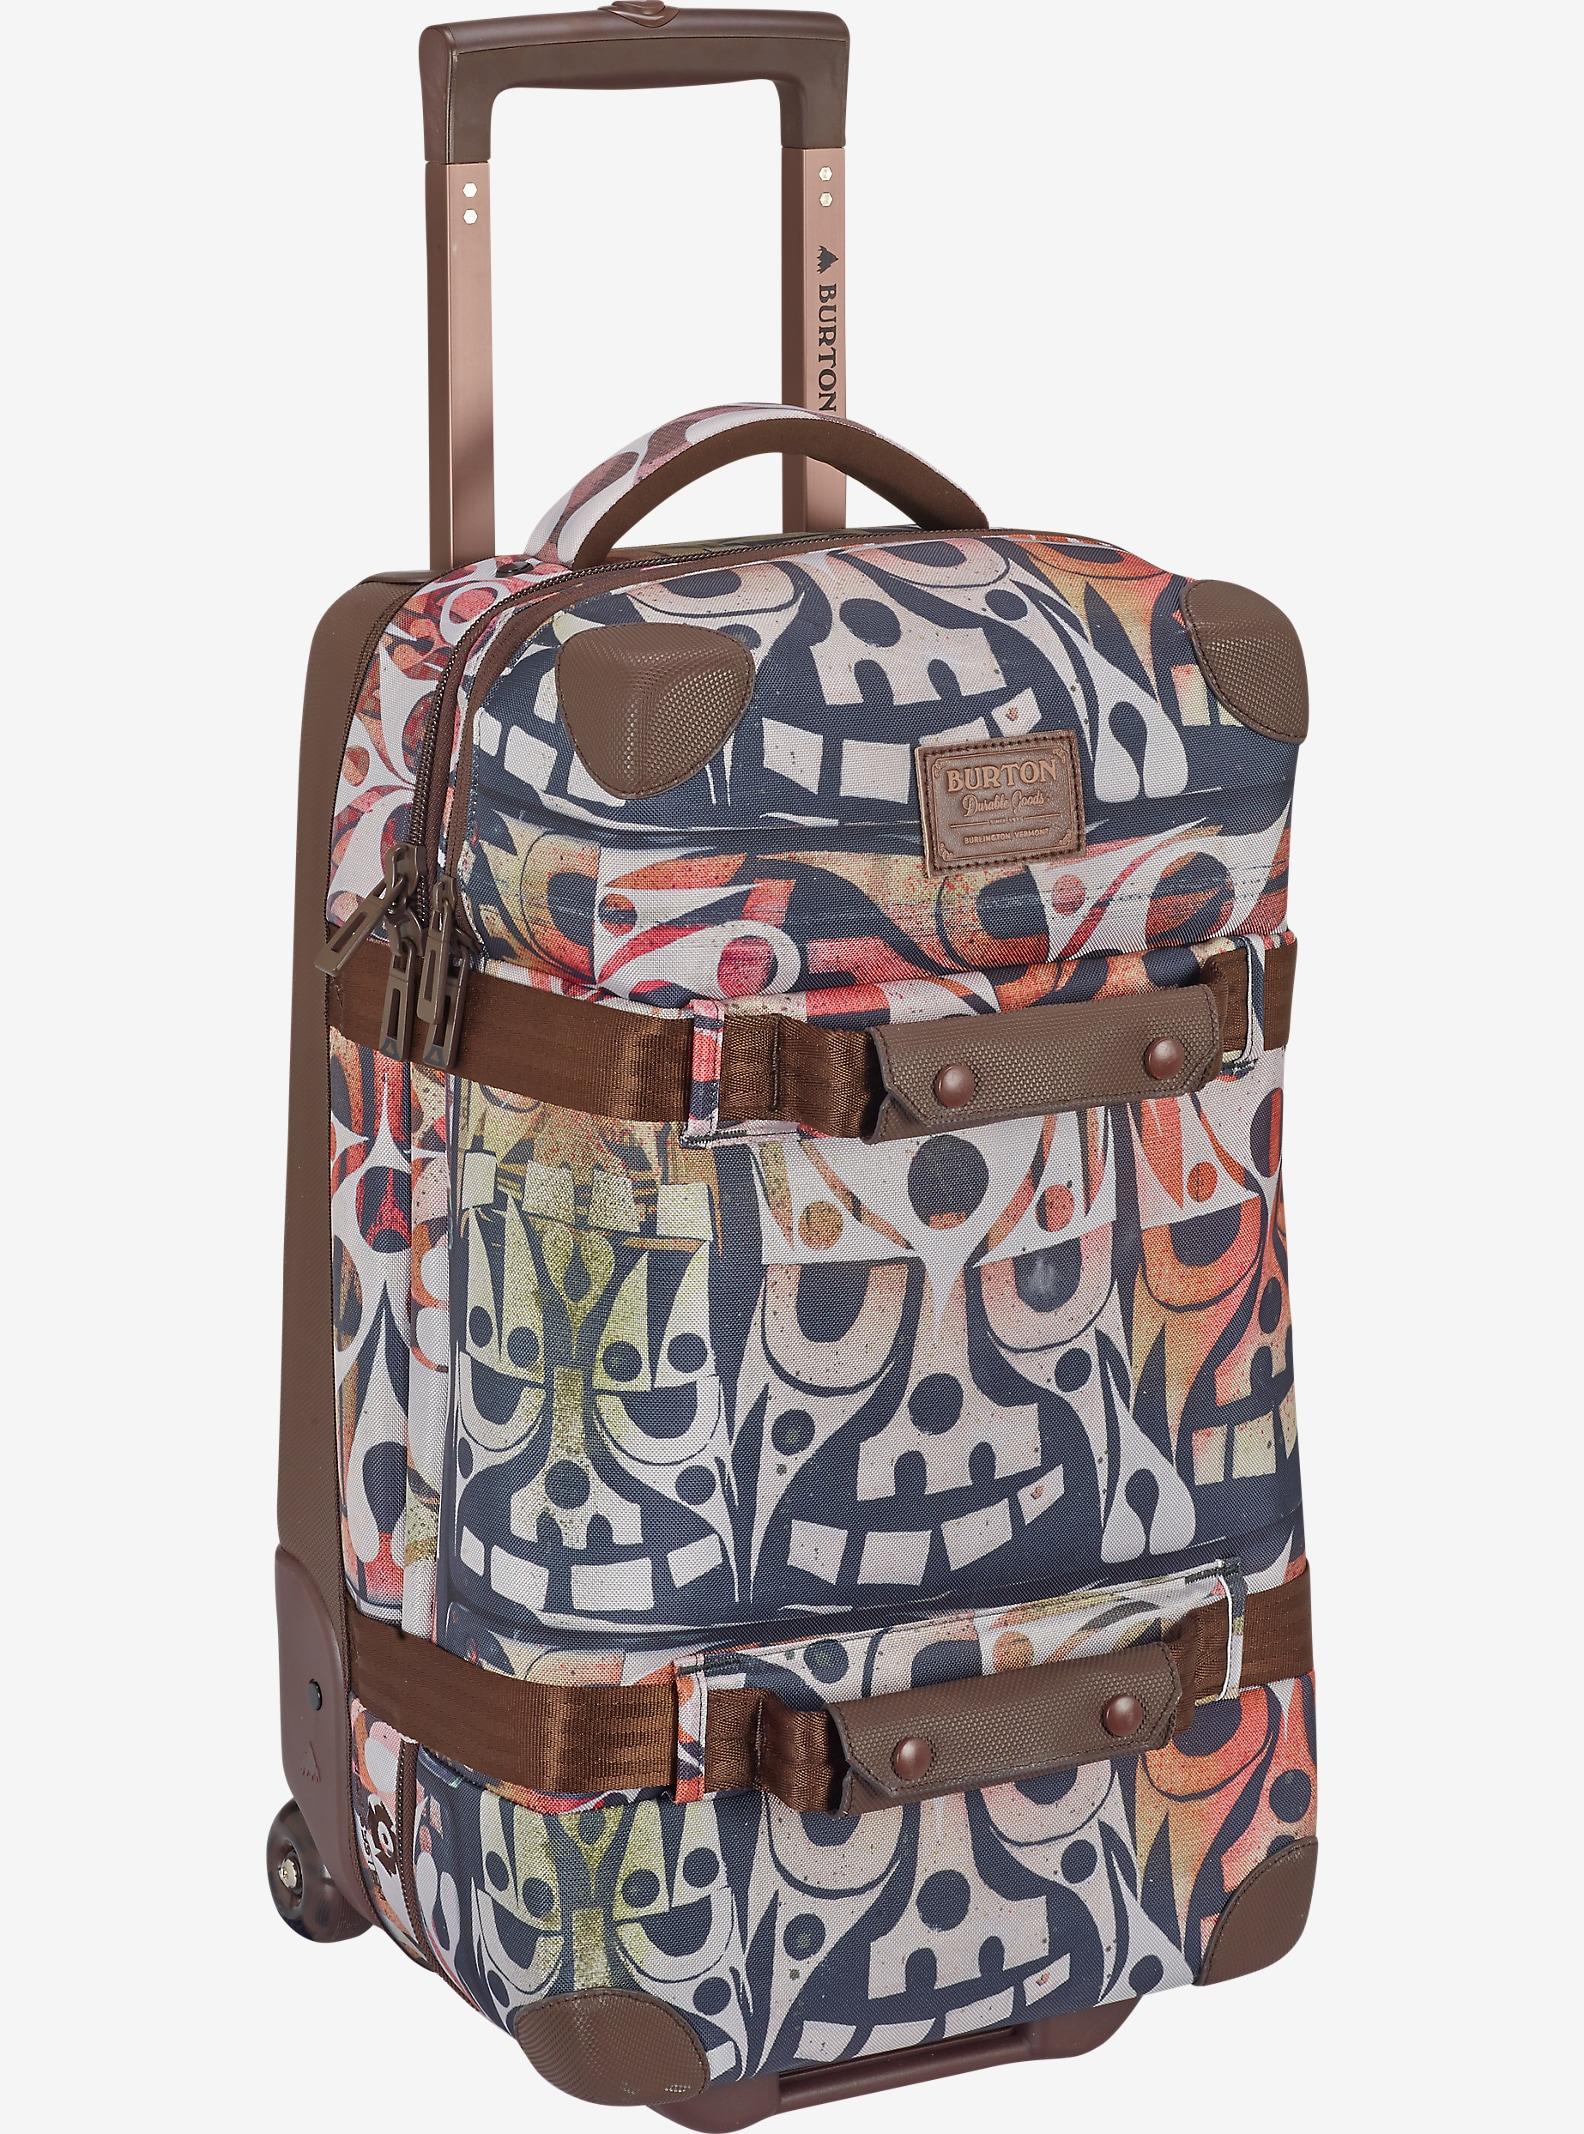 Phil Frost × G Pen × Burton Wheelie Flight Deck Travel Bag shown in Phil Frost